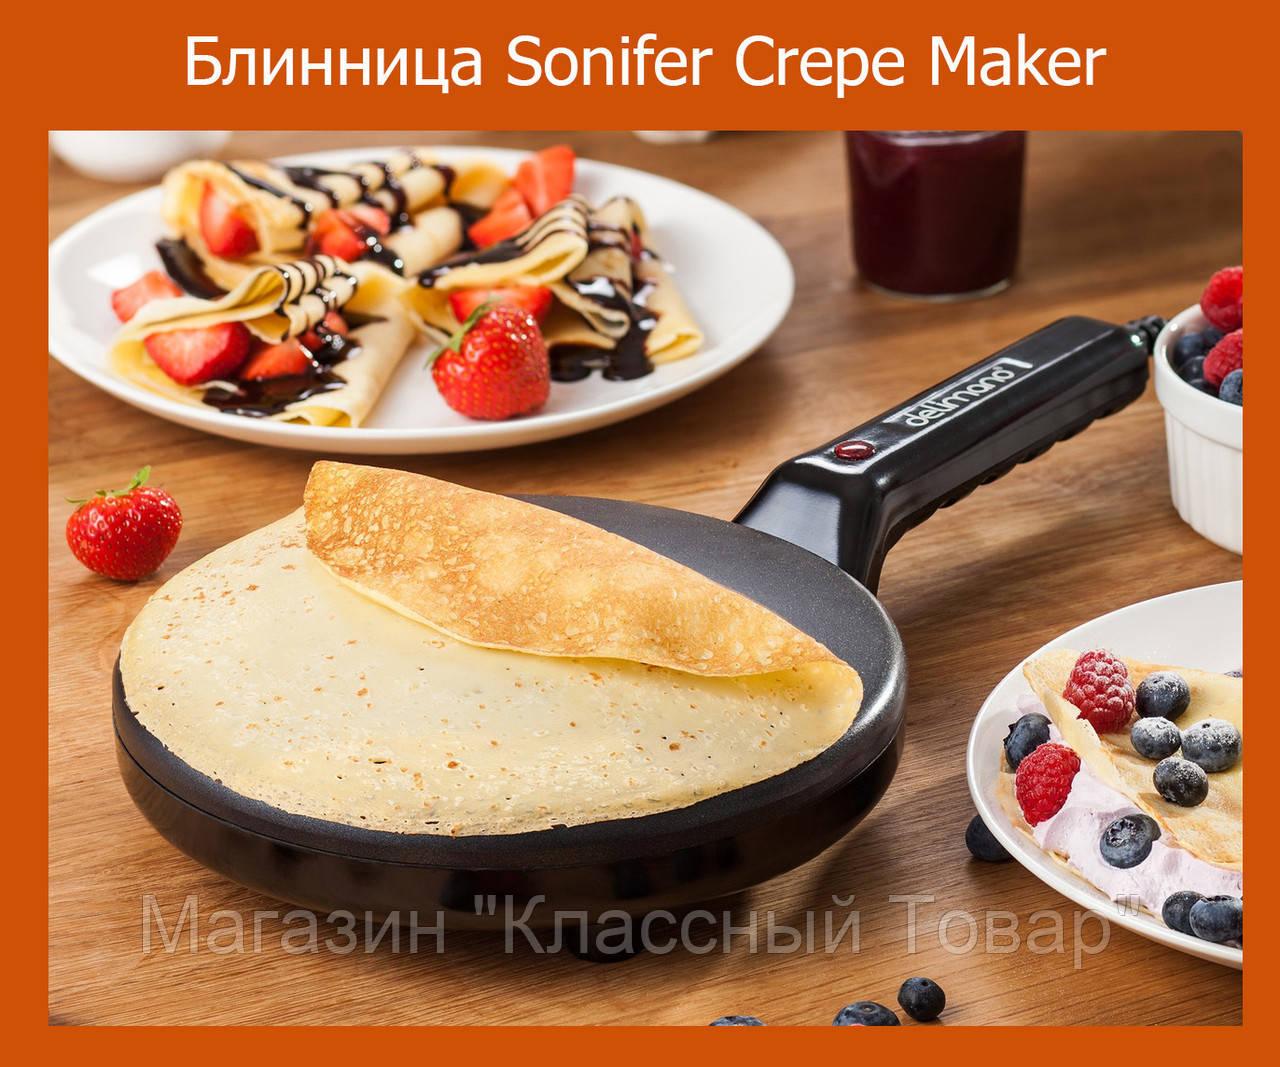 Блинница Sonifer Crepe Maker SF-3034!Лучший подарок